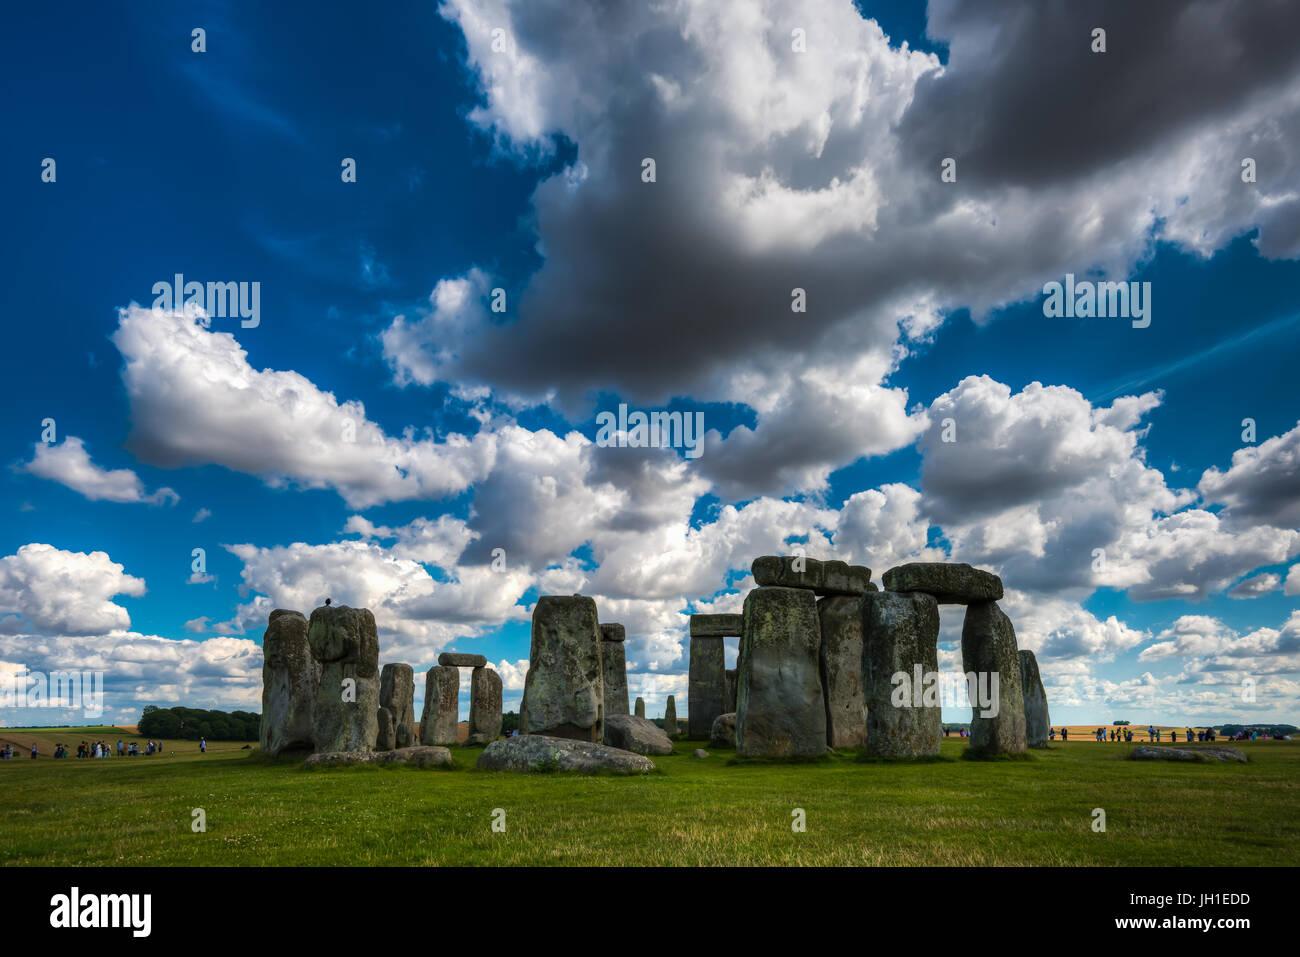 Stonehenge, Wiltshire, Reino Unido.El sitio y sus alrededores fueron añadidos a la lista del Patrimonio Mundial Imagen De Stock